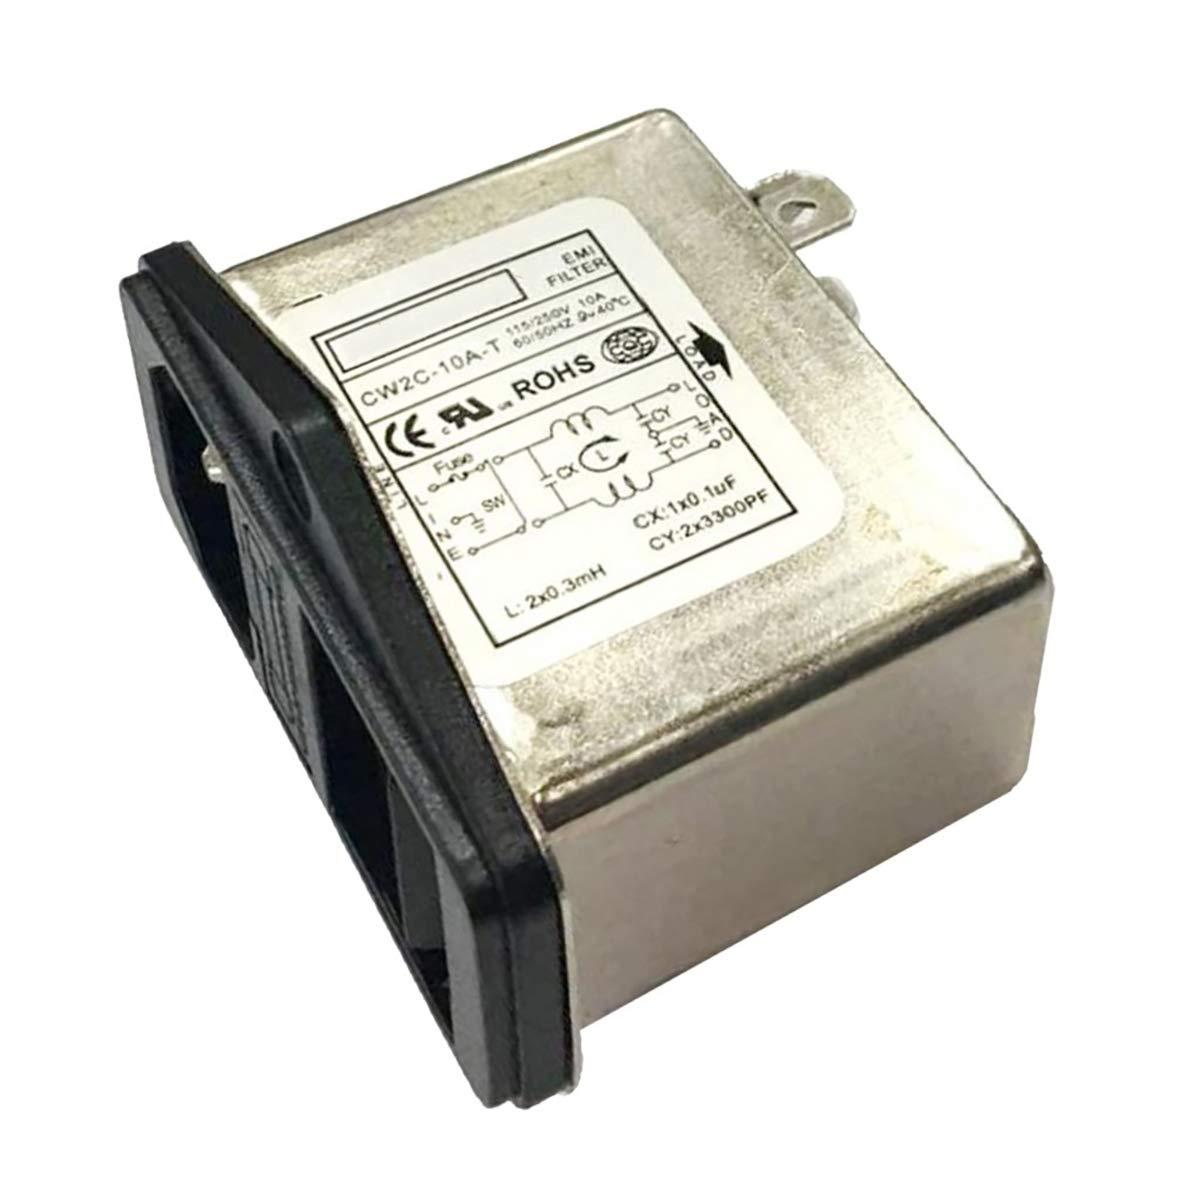 HomeDesign 006515 HDM-1300 Soporte para buz/ón